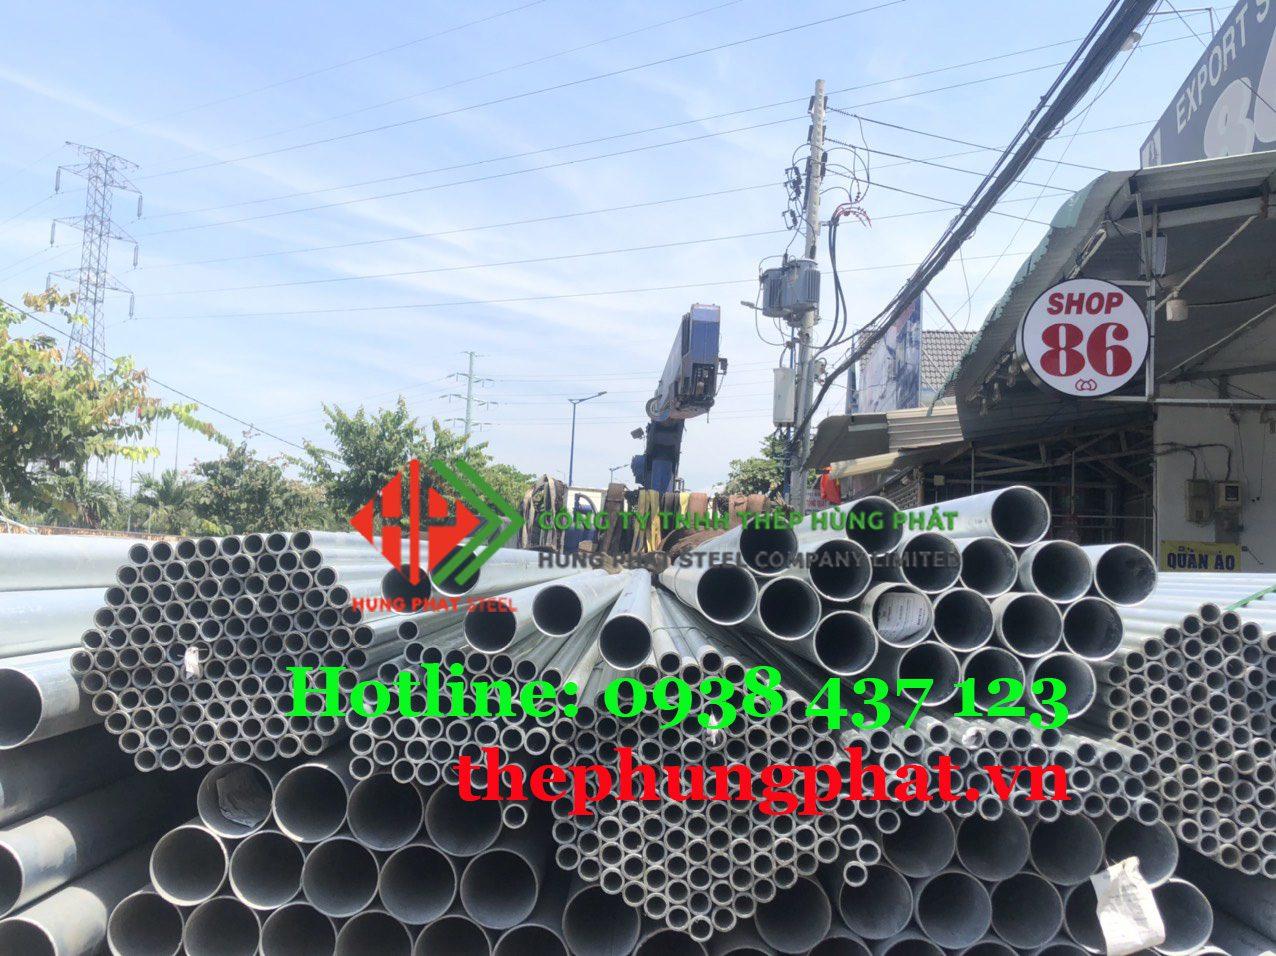 Báo giá thép ống mạ kẽm quận 11